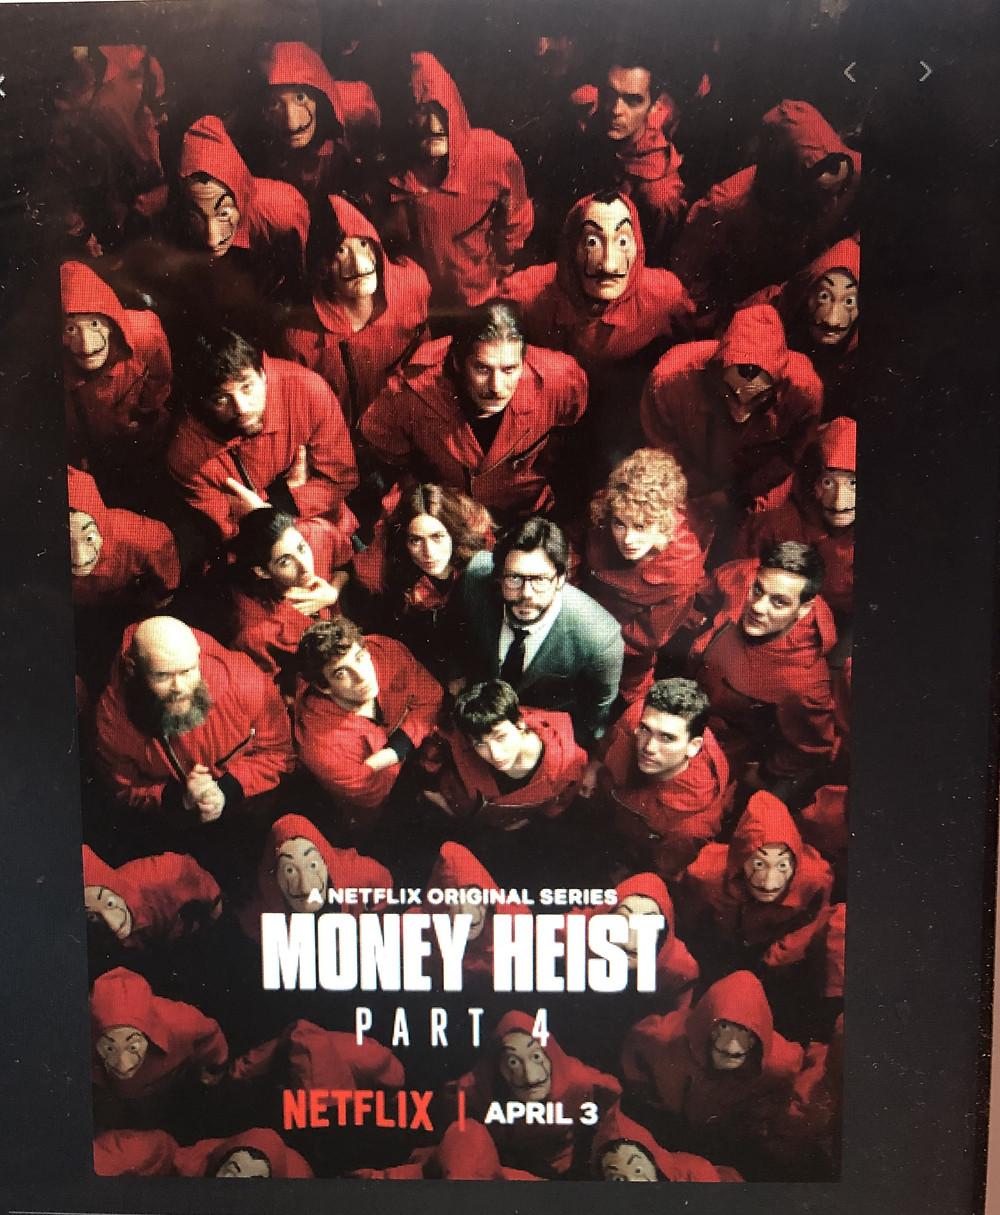 CAST OF MONEY HEIST - TV SHOW